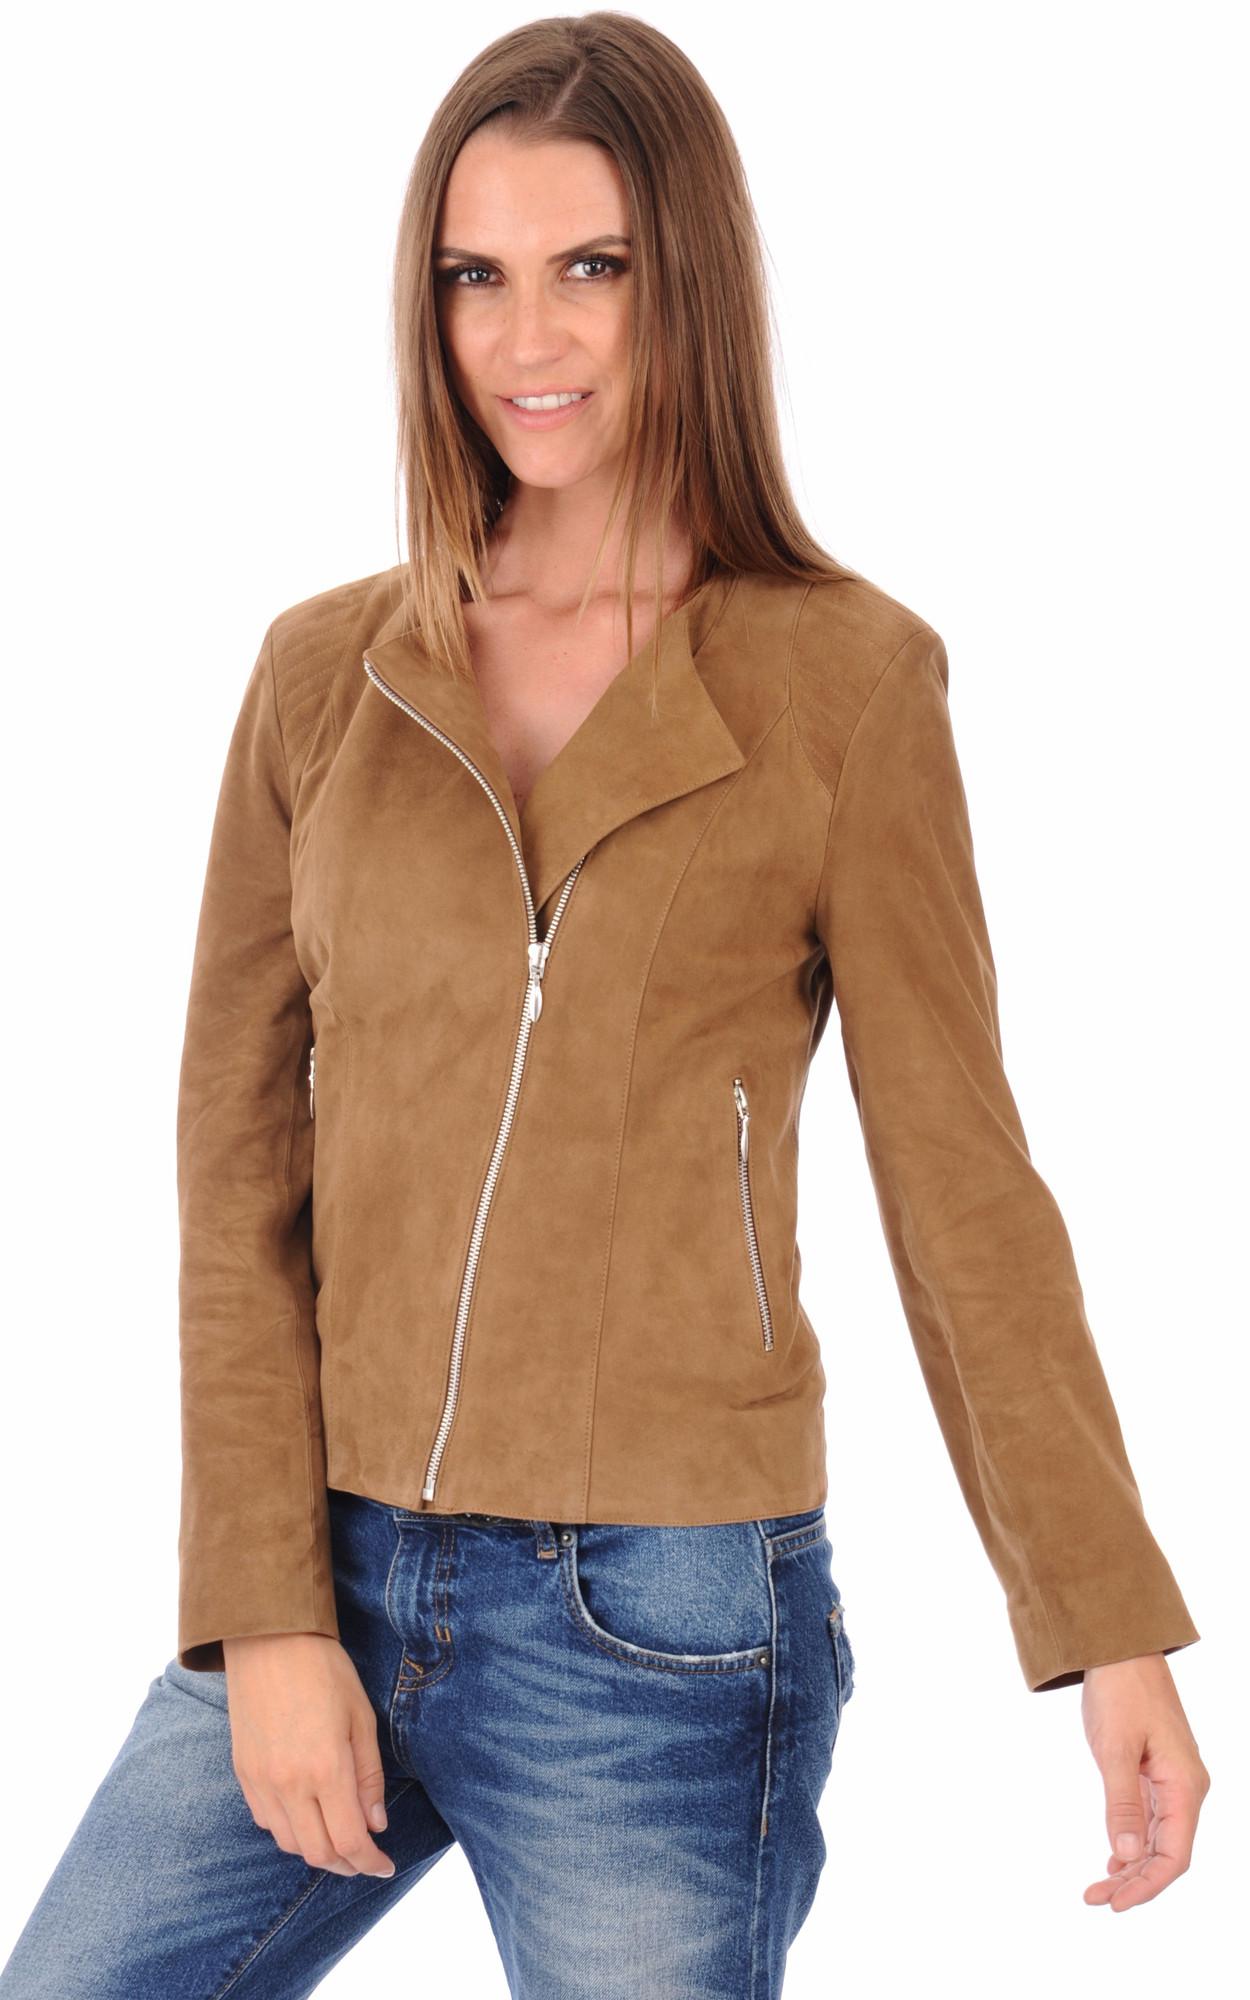 veste trois quart en daim femme les vestes la mode sont populaires partout dans le monde. Black Bedroom Furniture Sets. Home Design Ideas